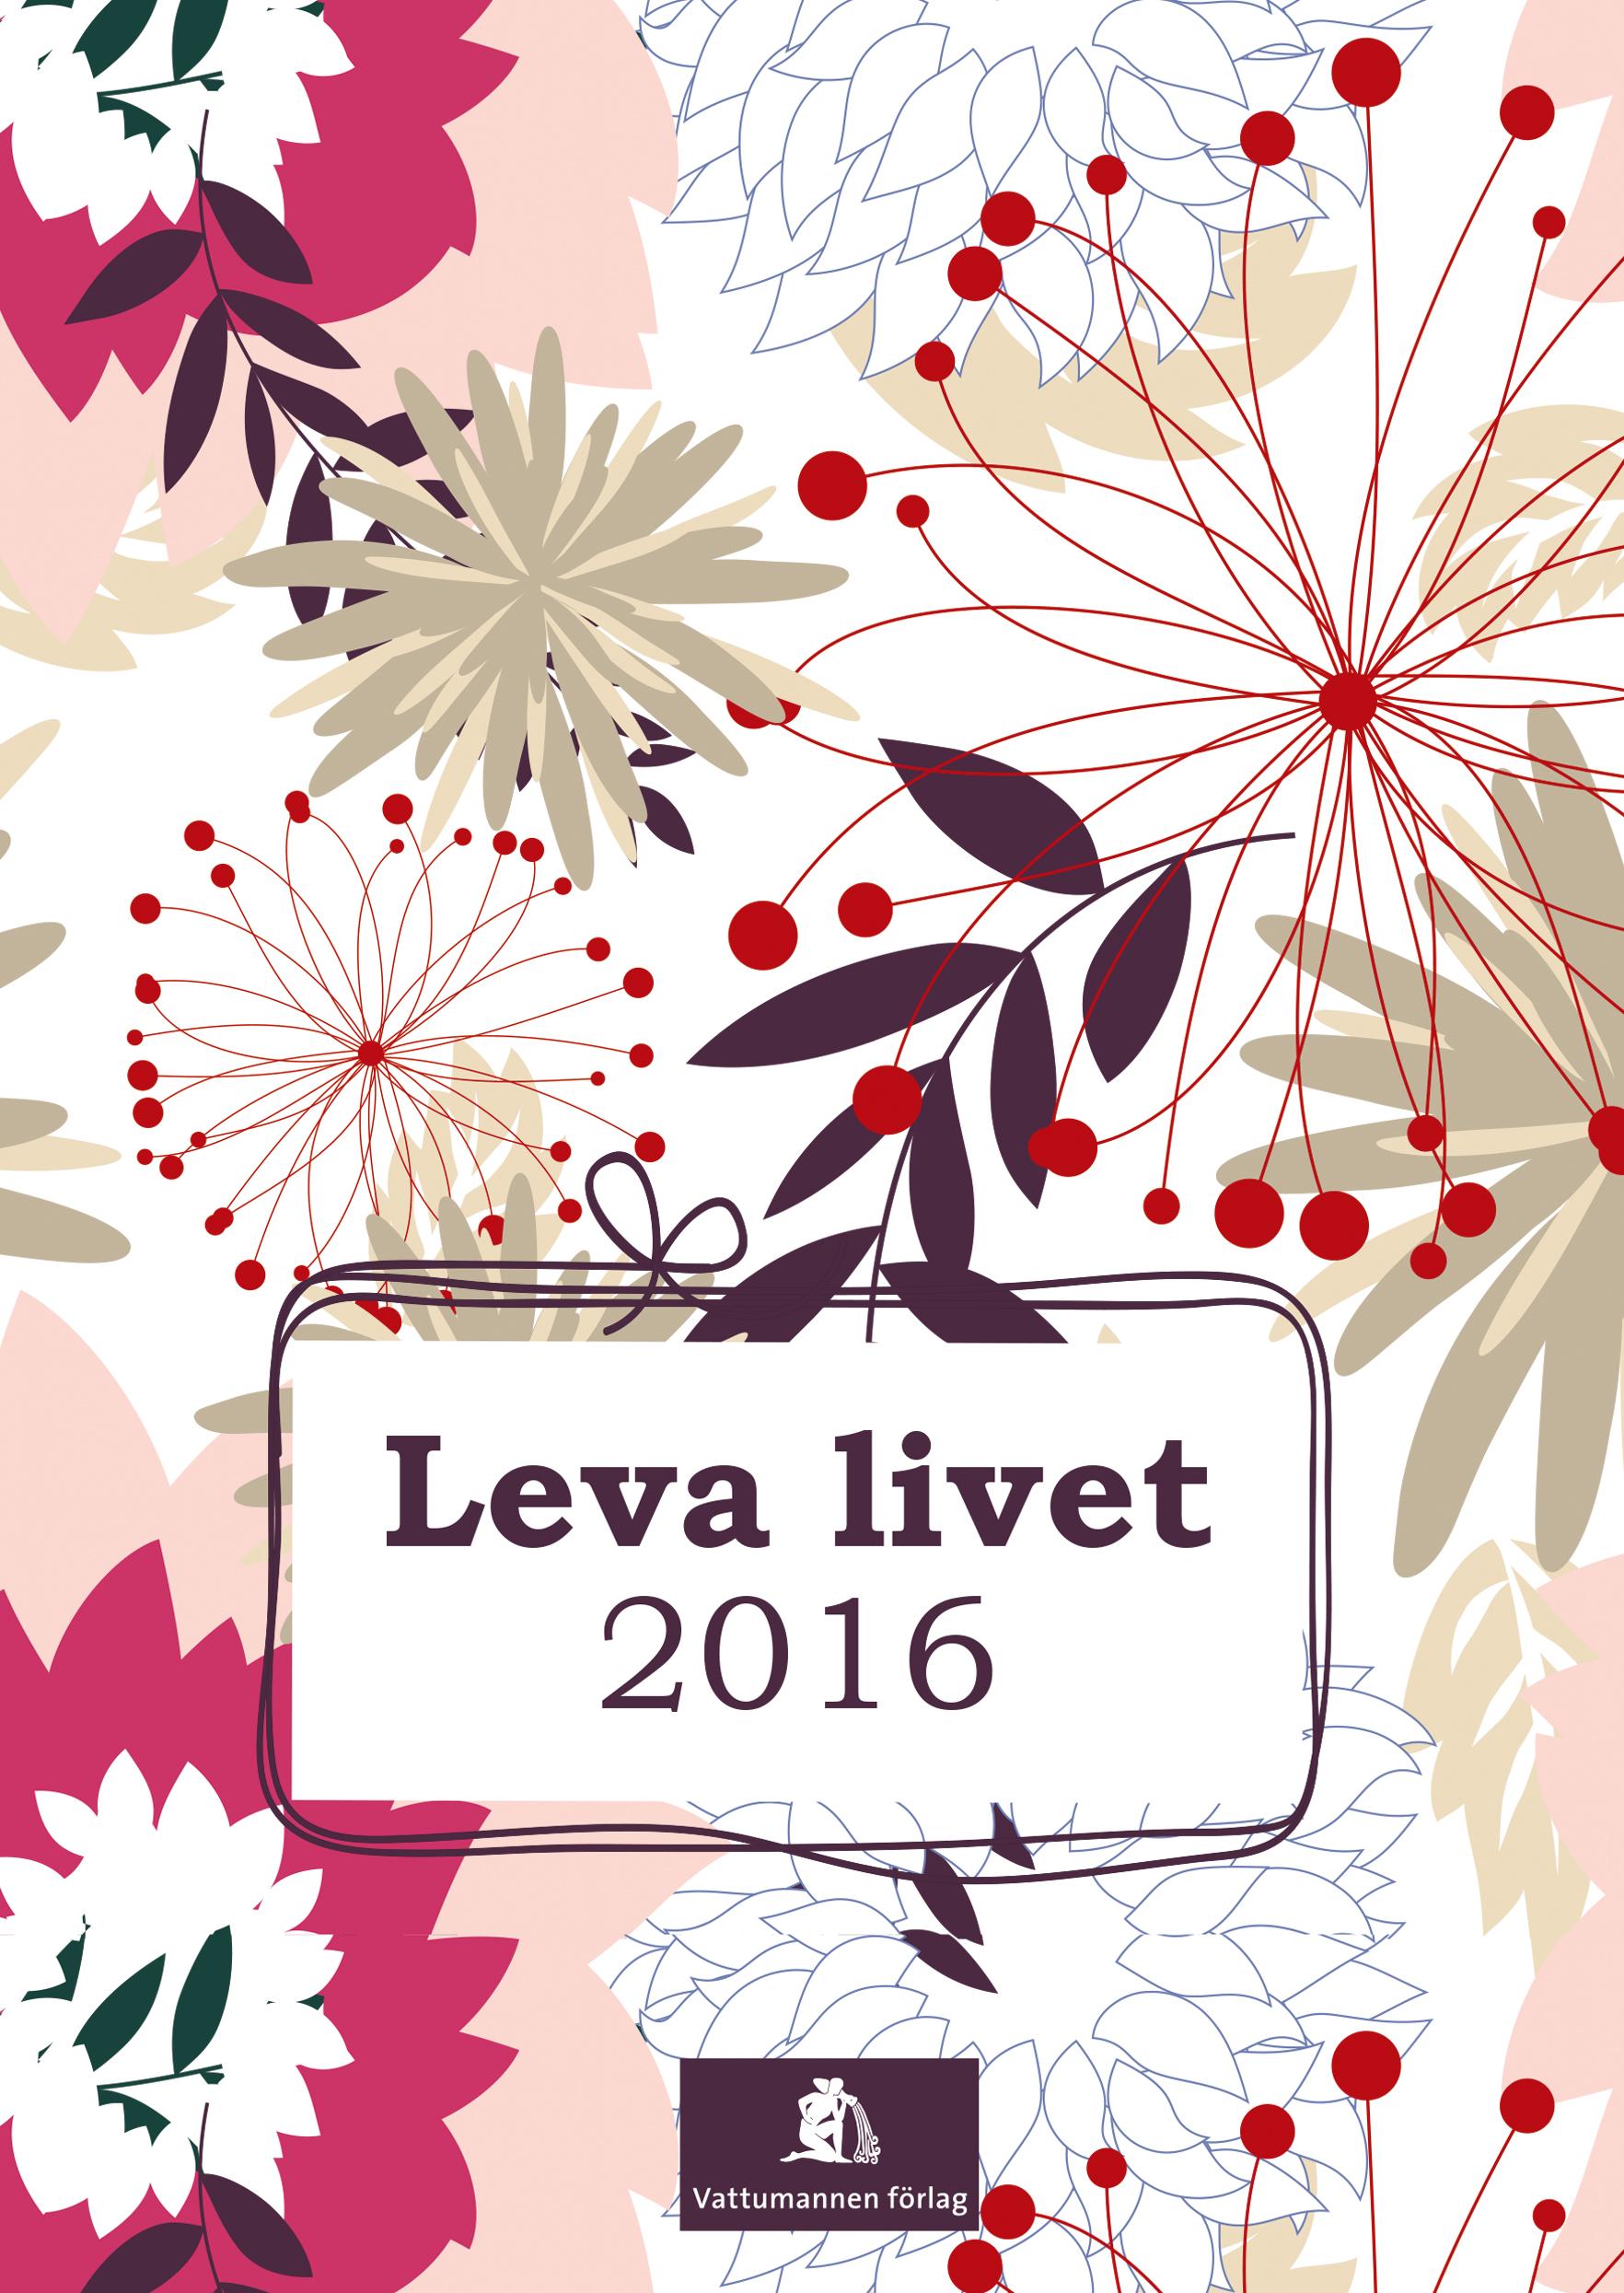 Leva livet 2016 av Karin Eriksson